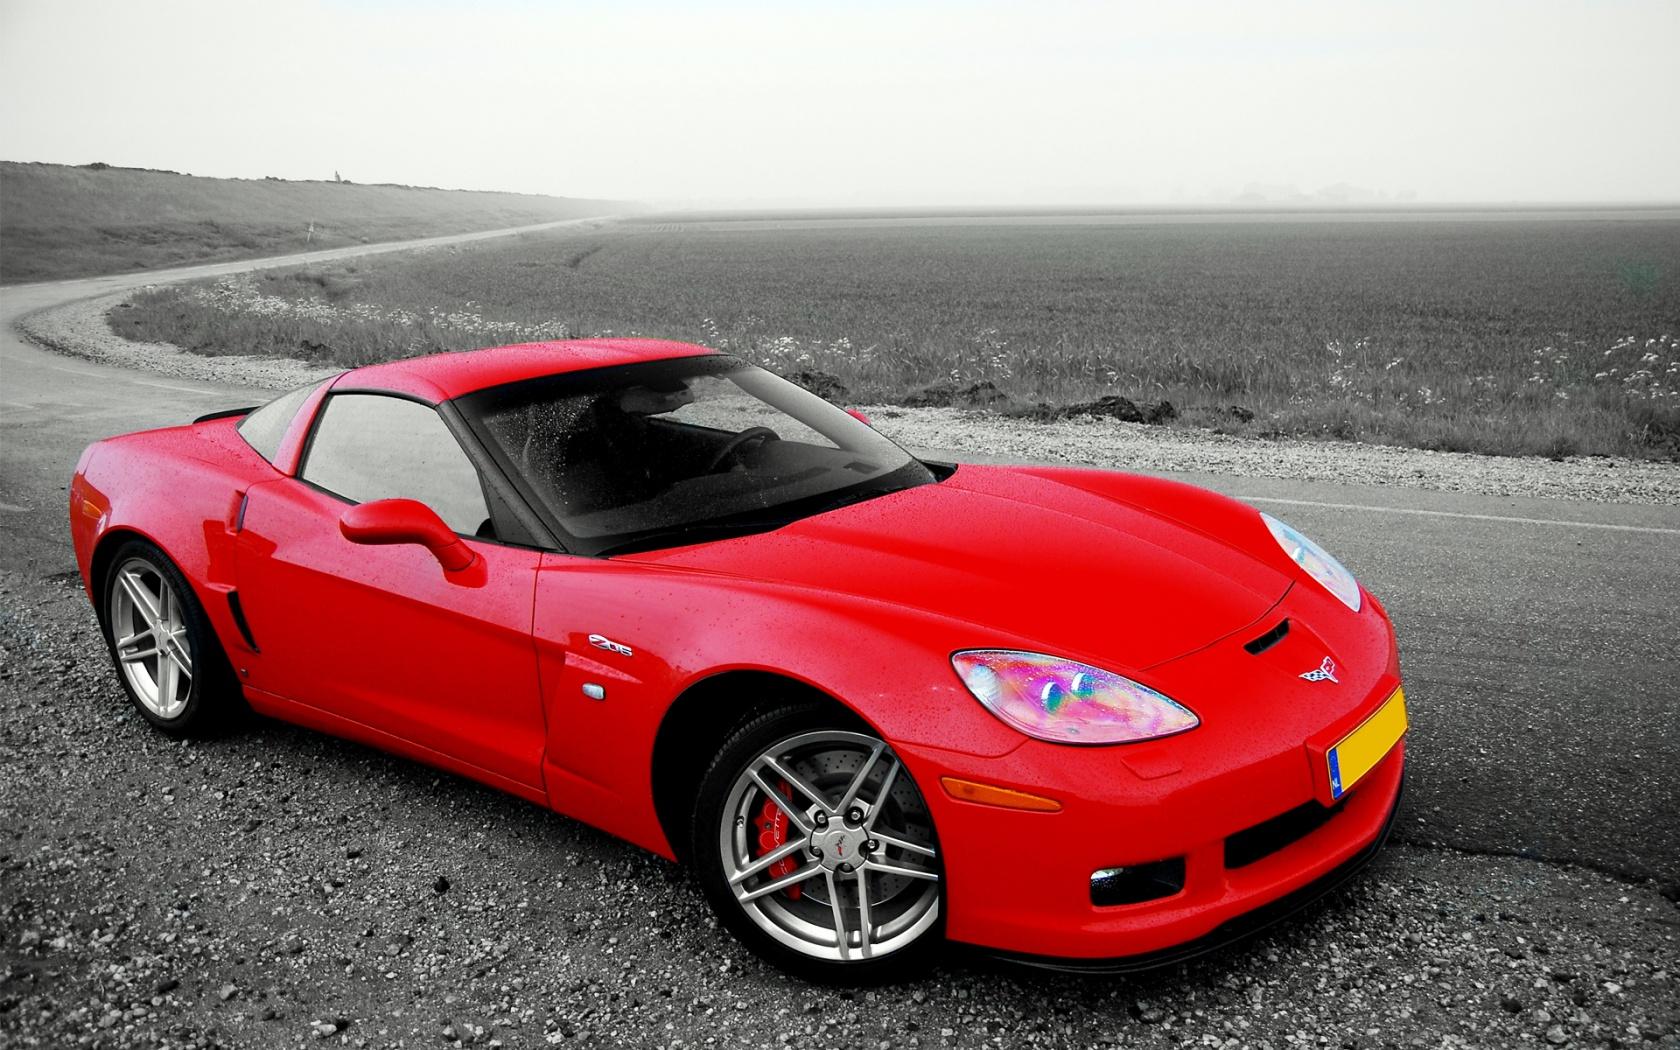 C6 Corvette Wallpaper - WallpaperSafari